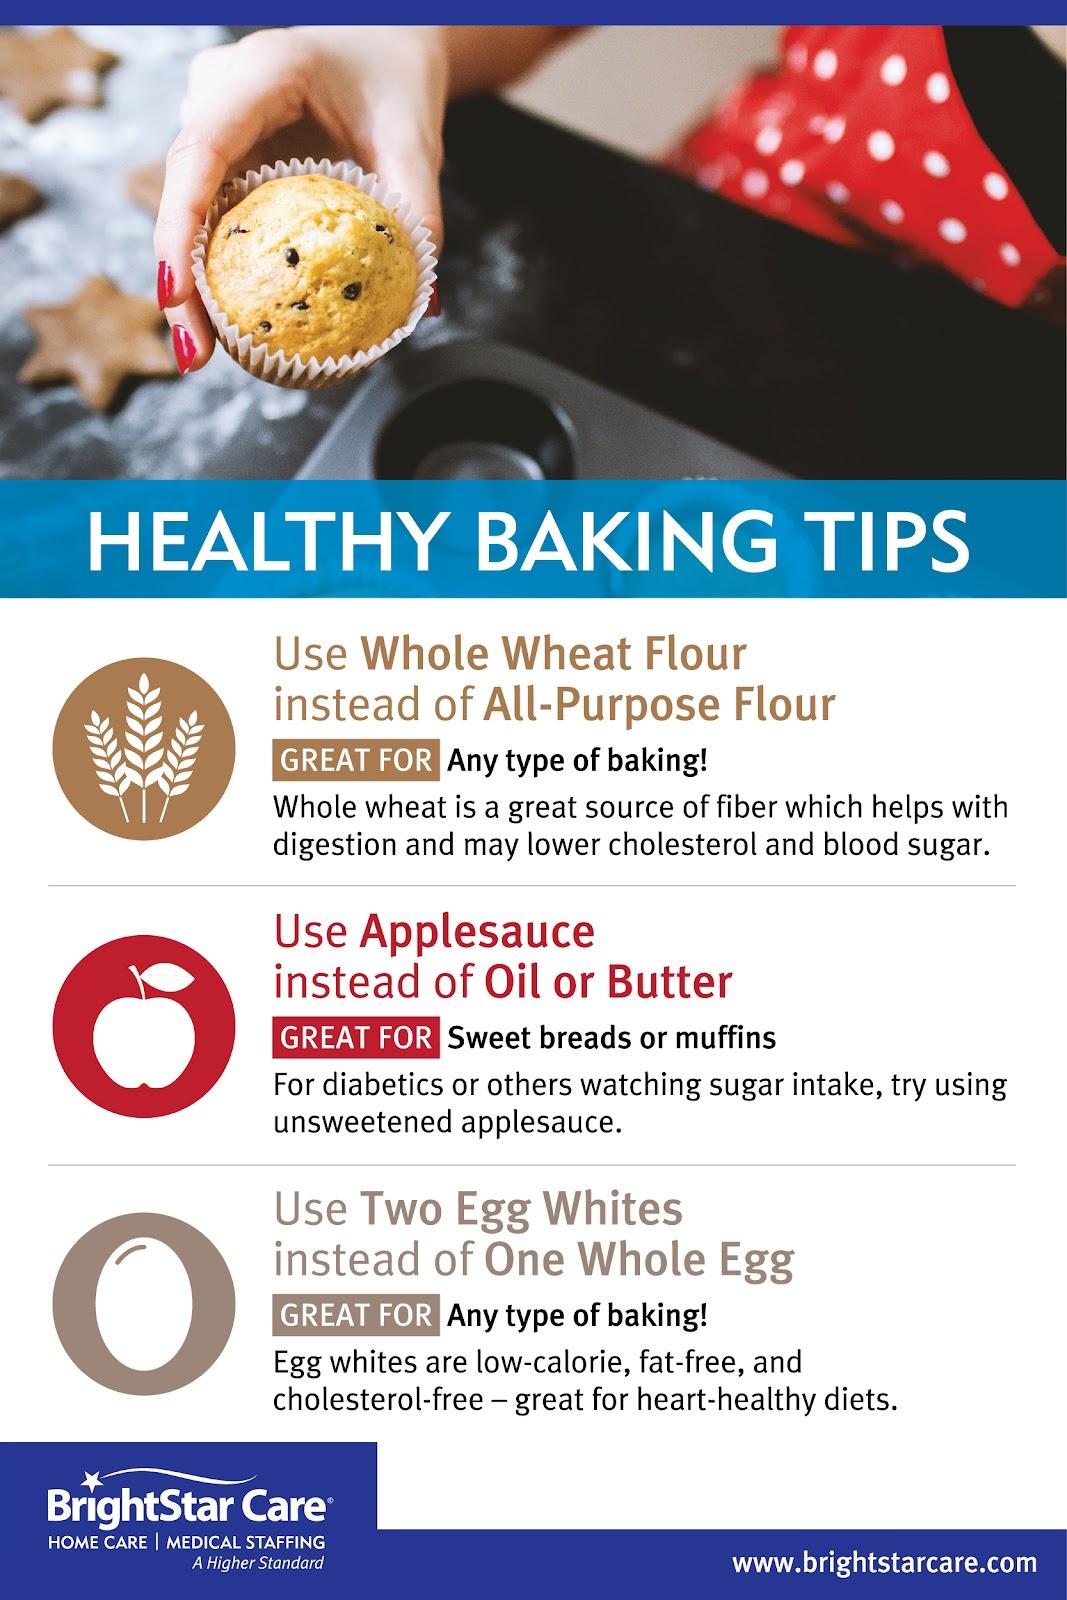 Healthy Baking Tips for Seniors